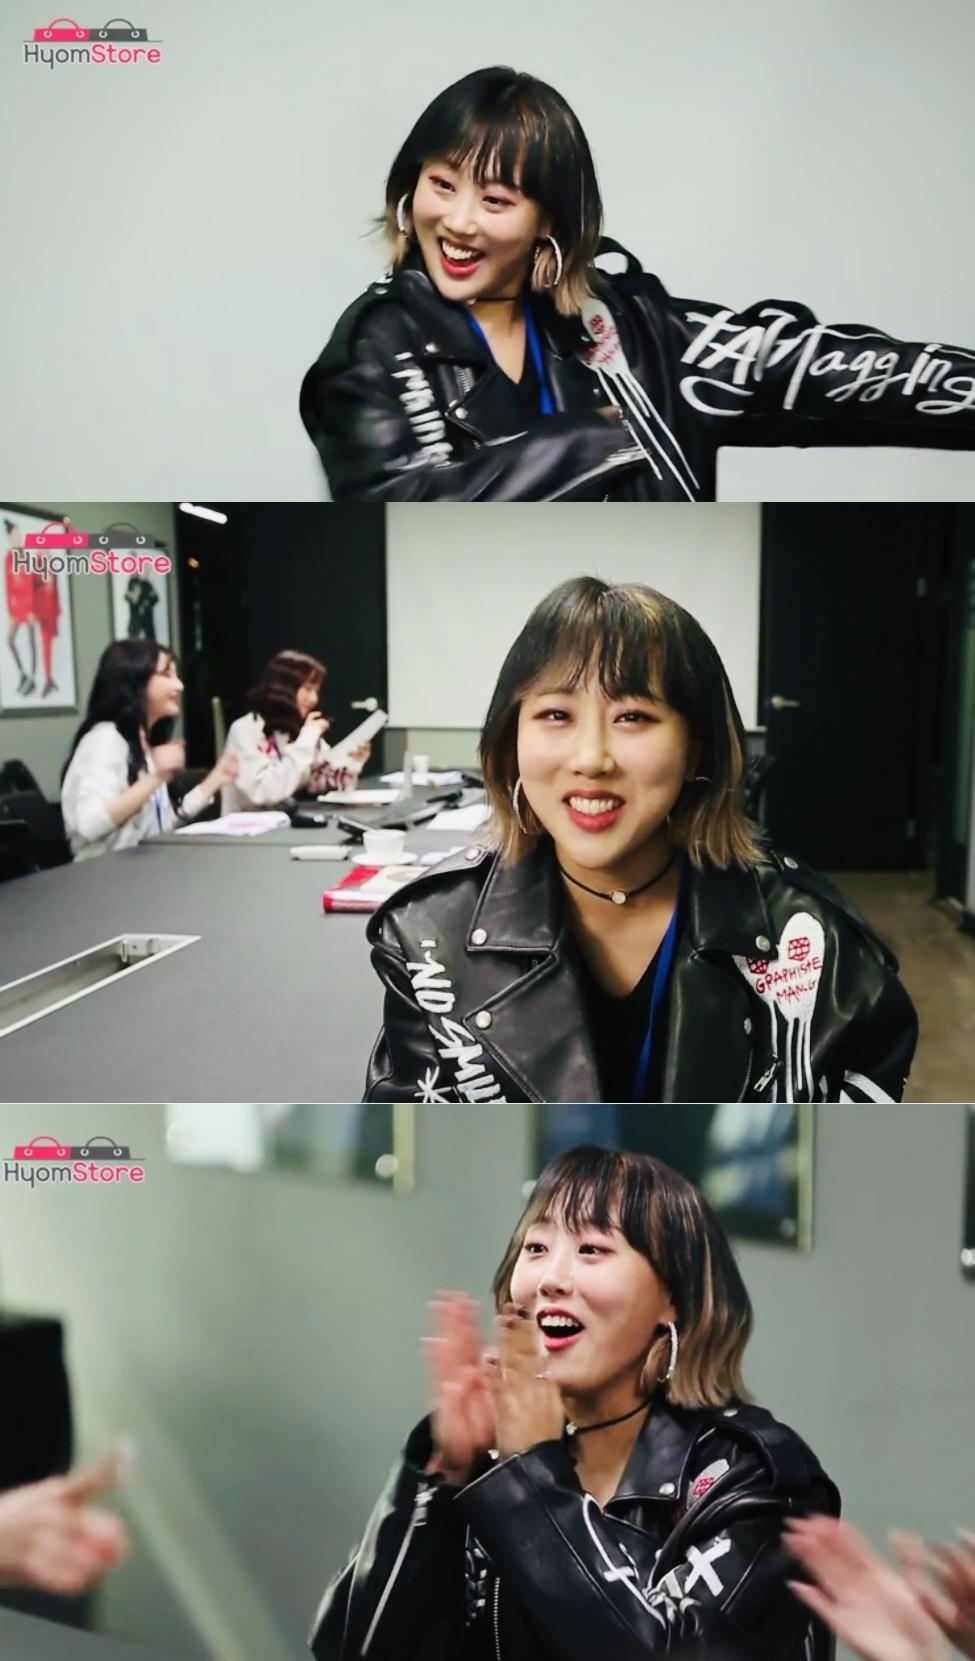 '횸스토어' 임라라, '이태원 클라쓰' 조이서 변신...존재감甲 맹활약